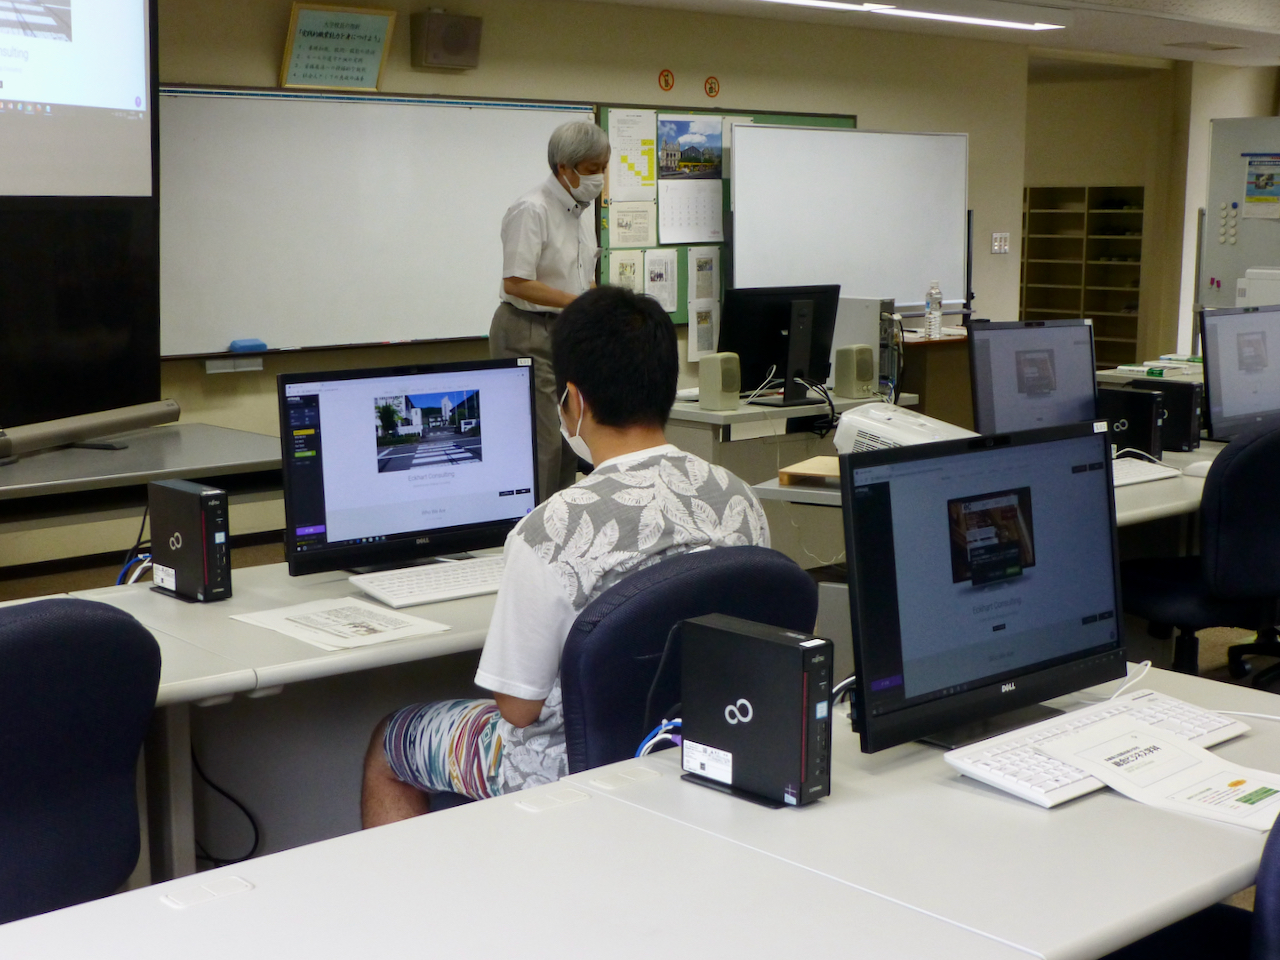 令和2年度オープンキャンパス 総合ビジネス学科